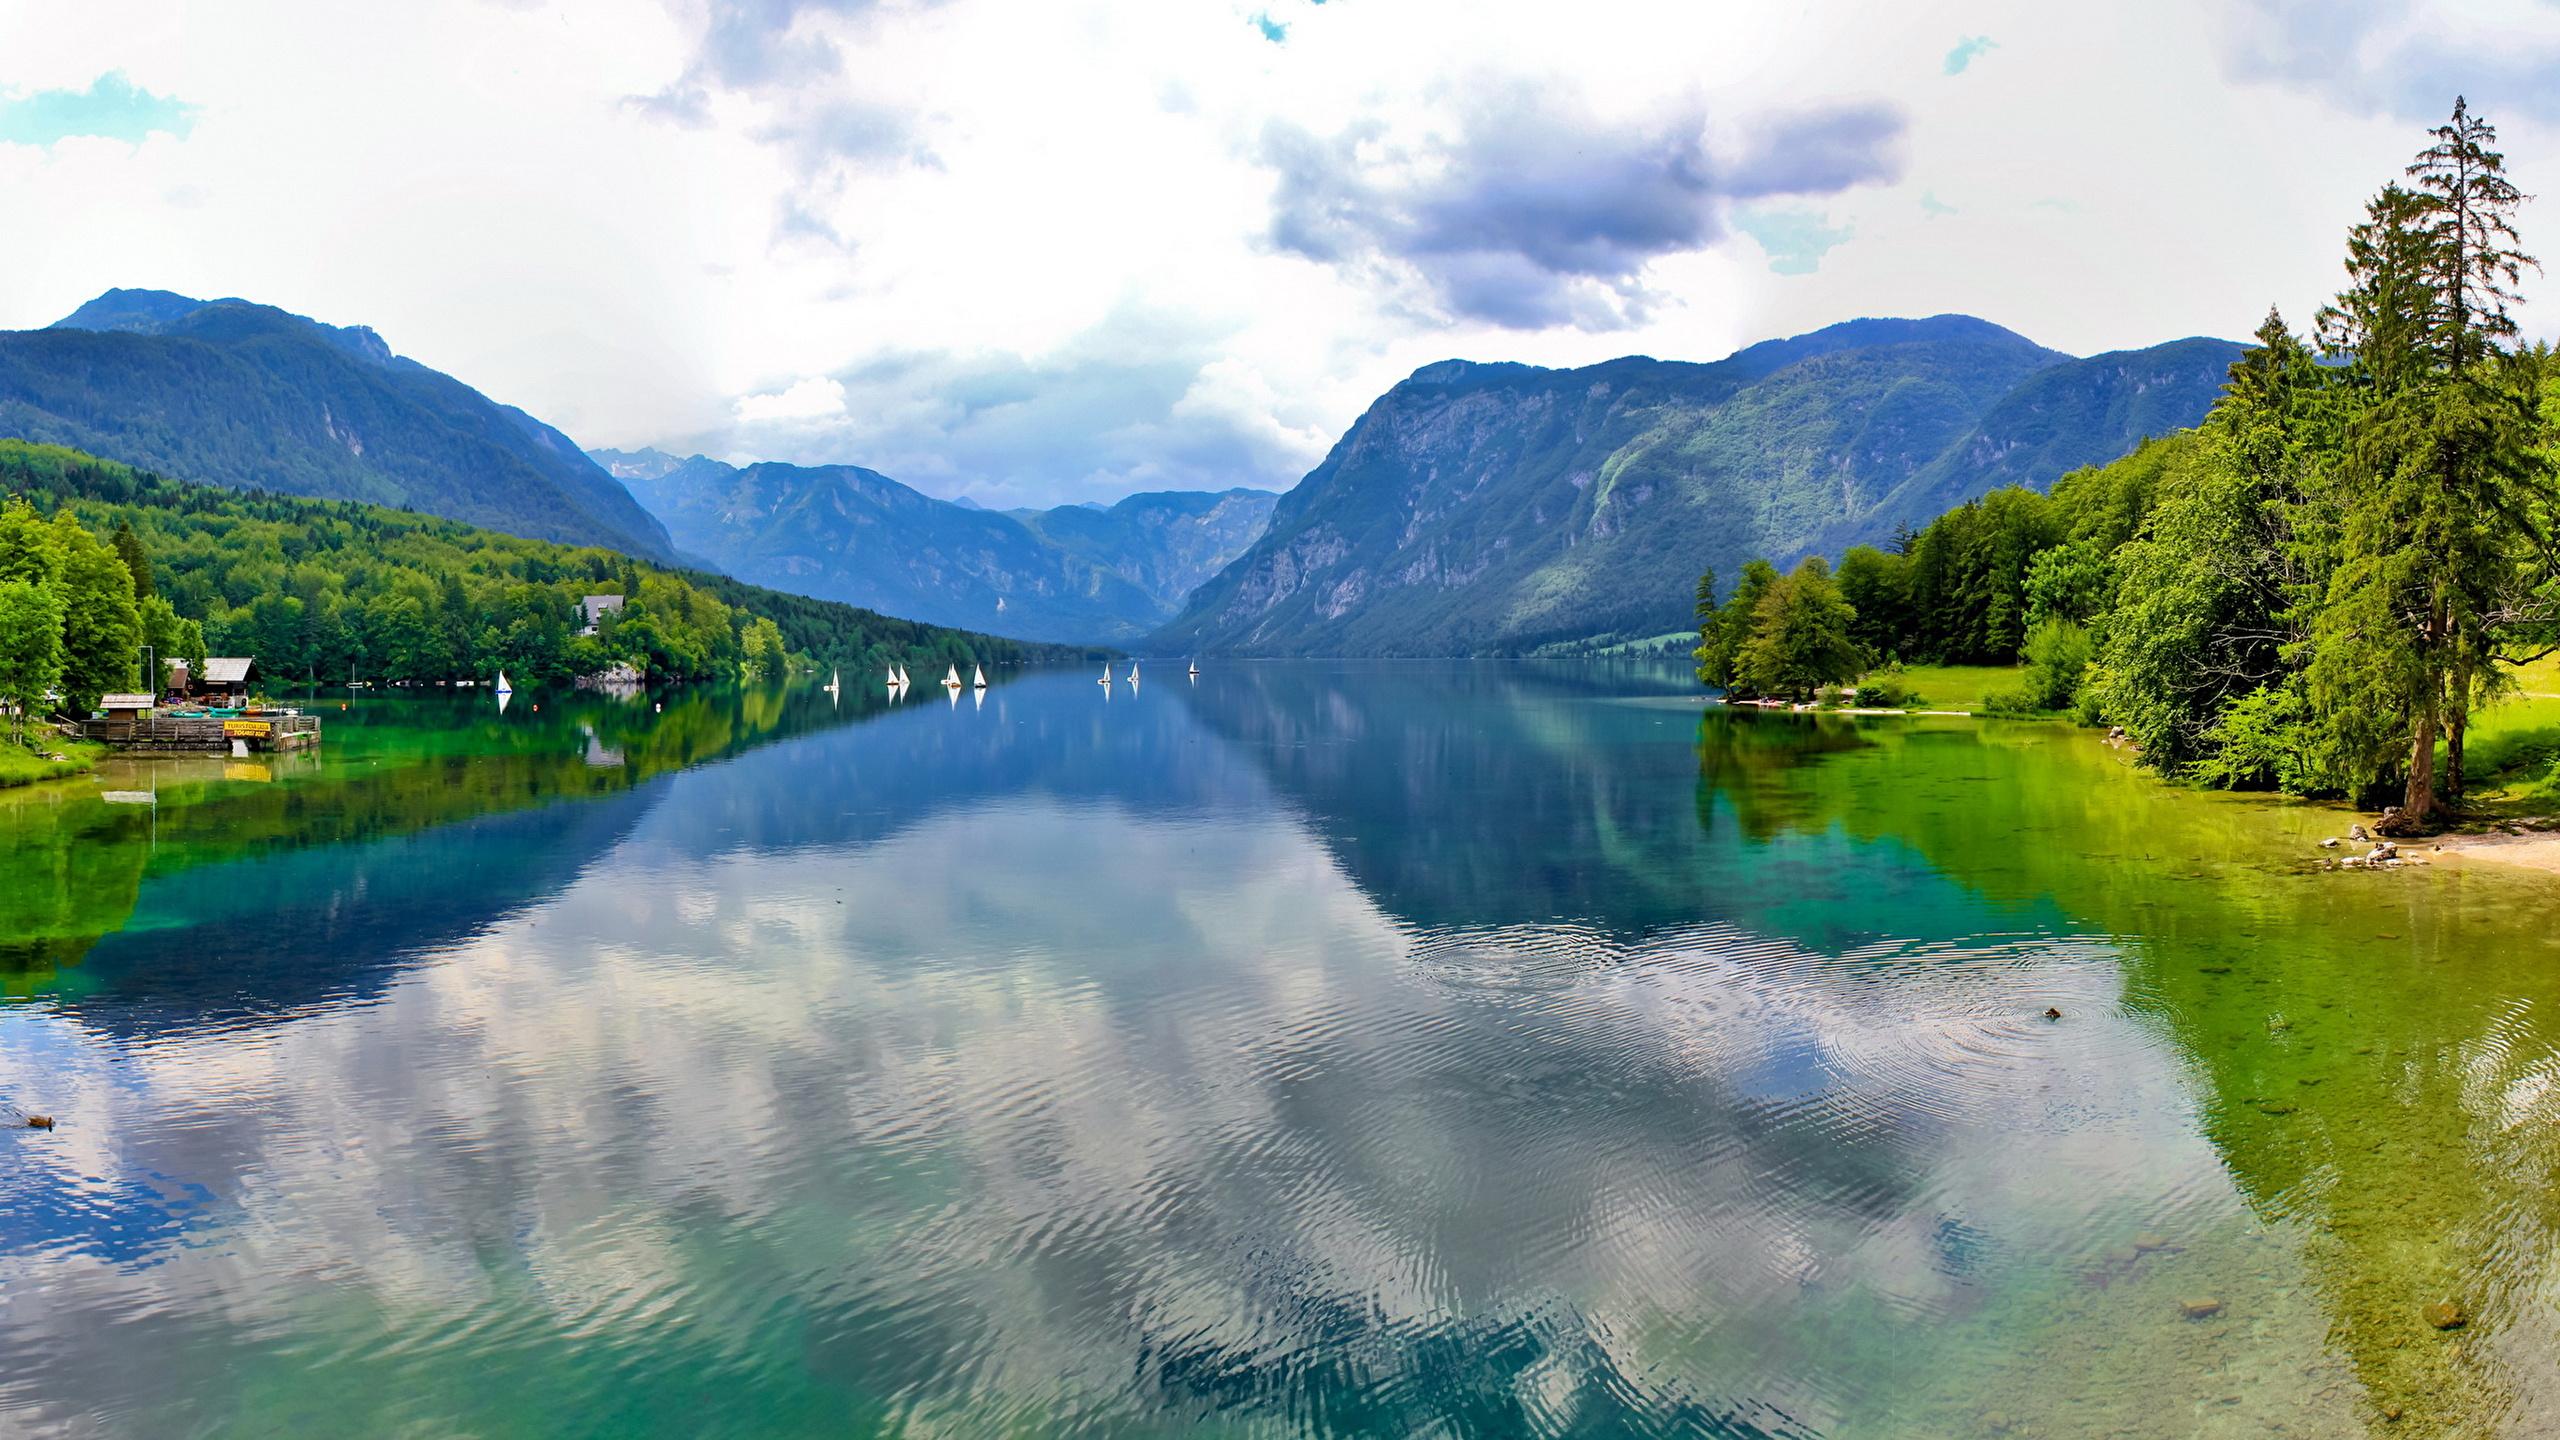 Голубое озеро в горах  № 2798854 бесплатно